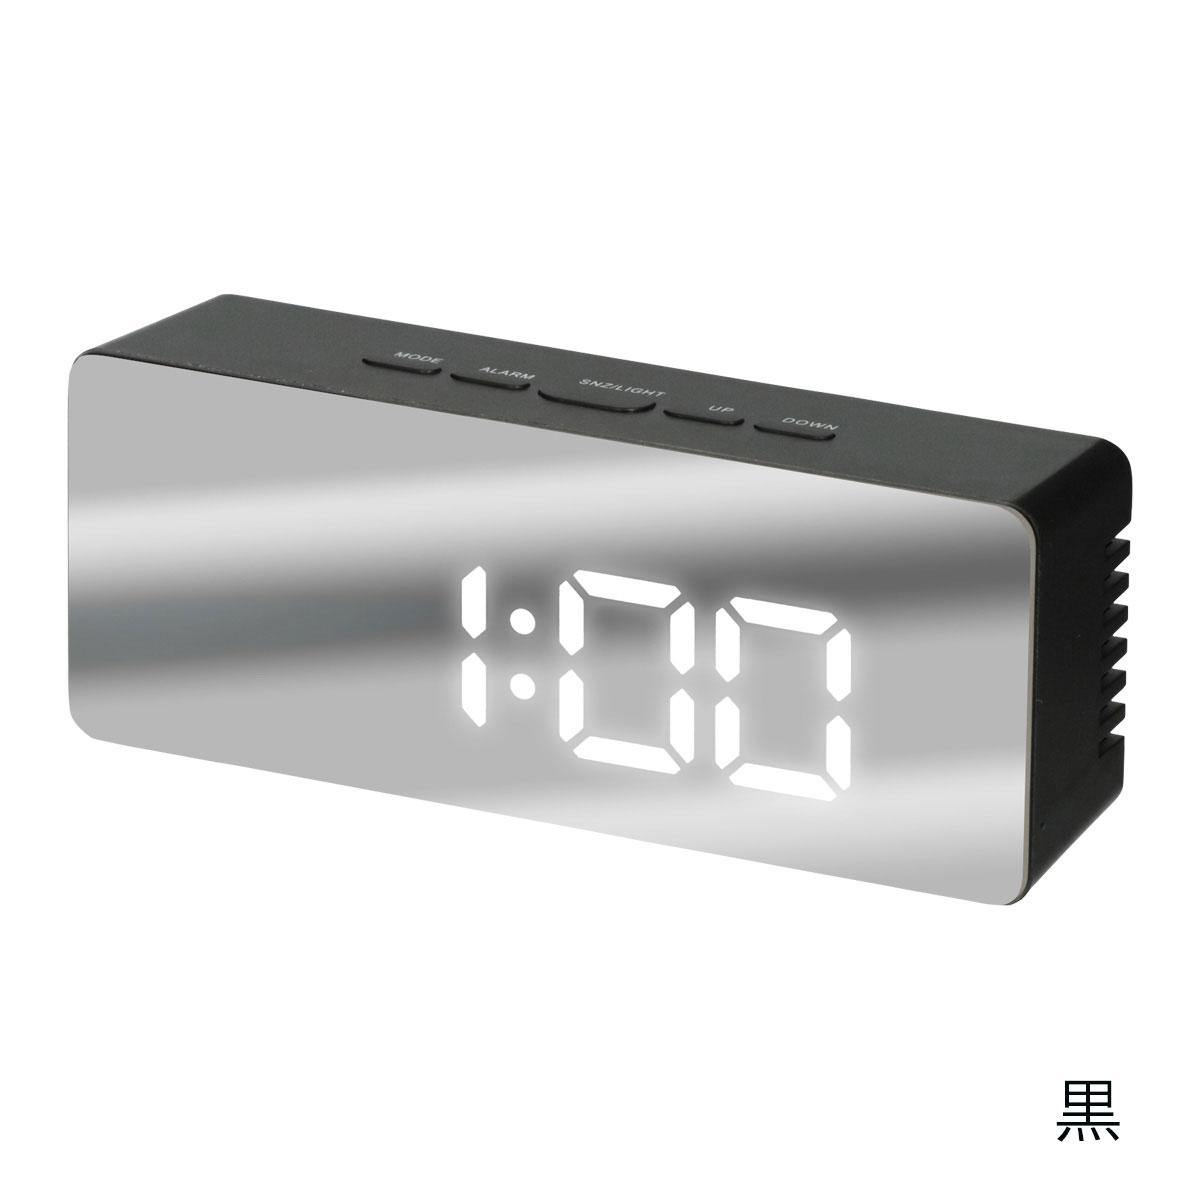 ミラークロック ワイド 卓上 目覚まし デジタル表示